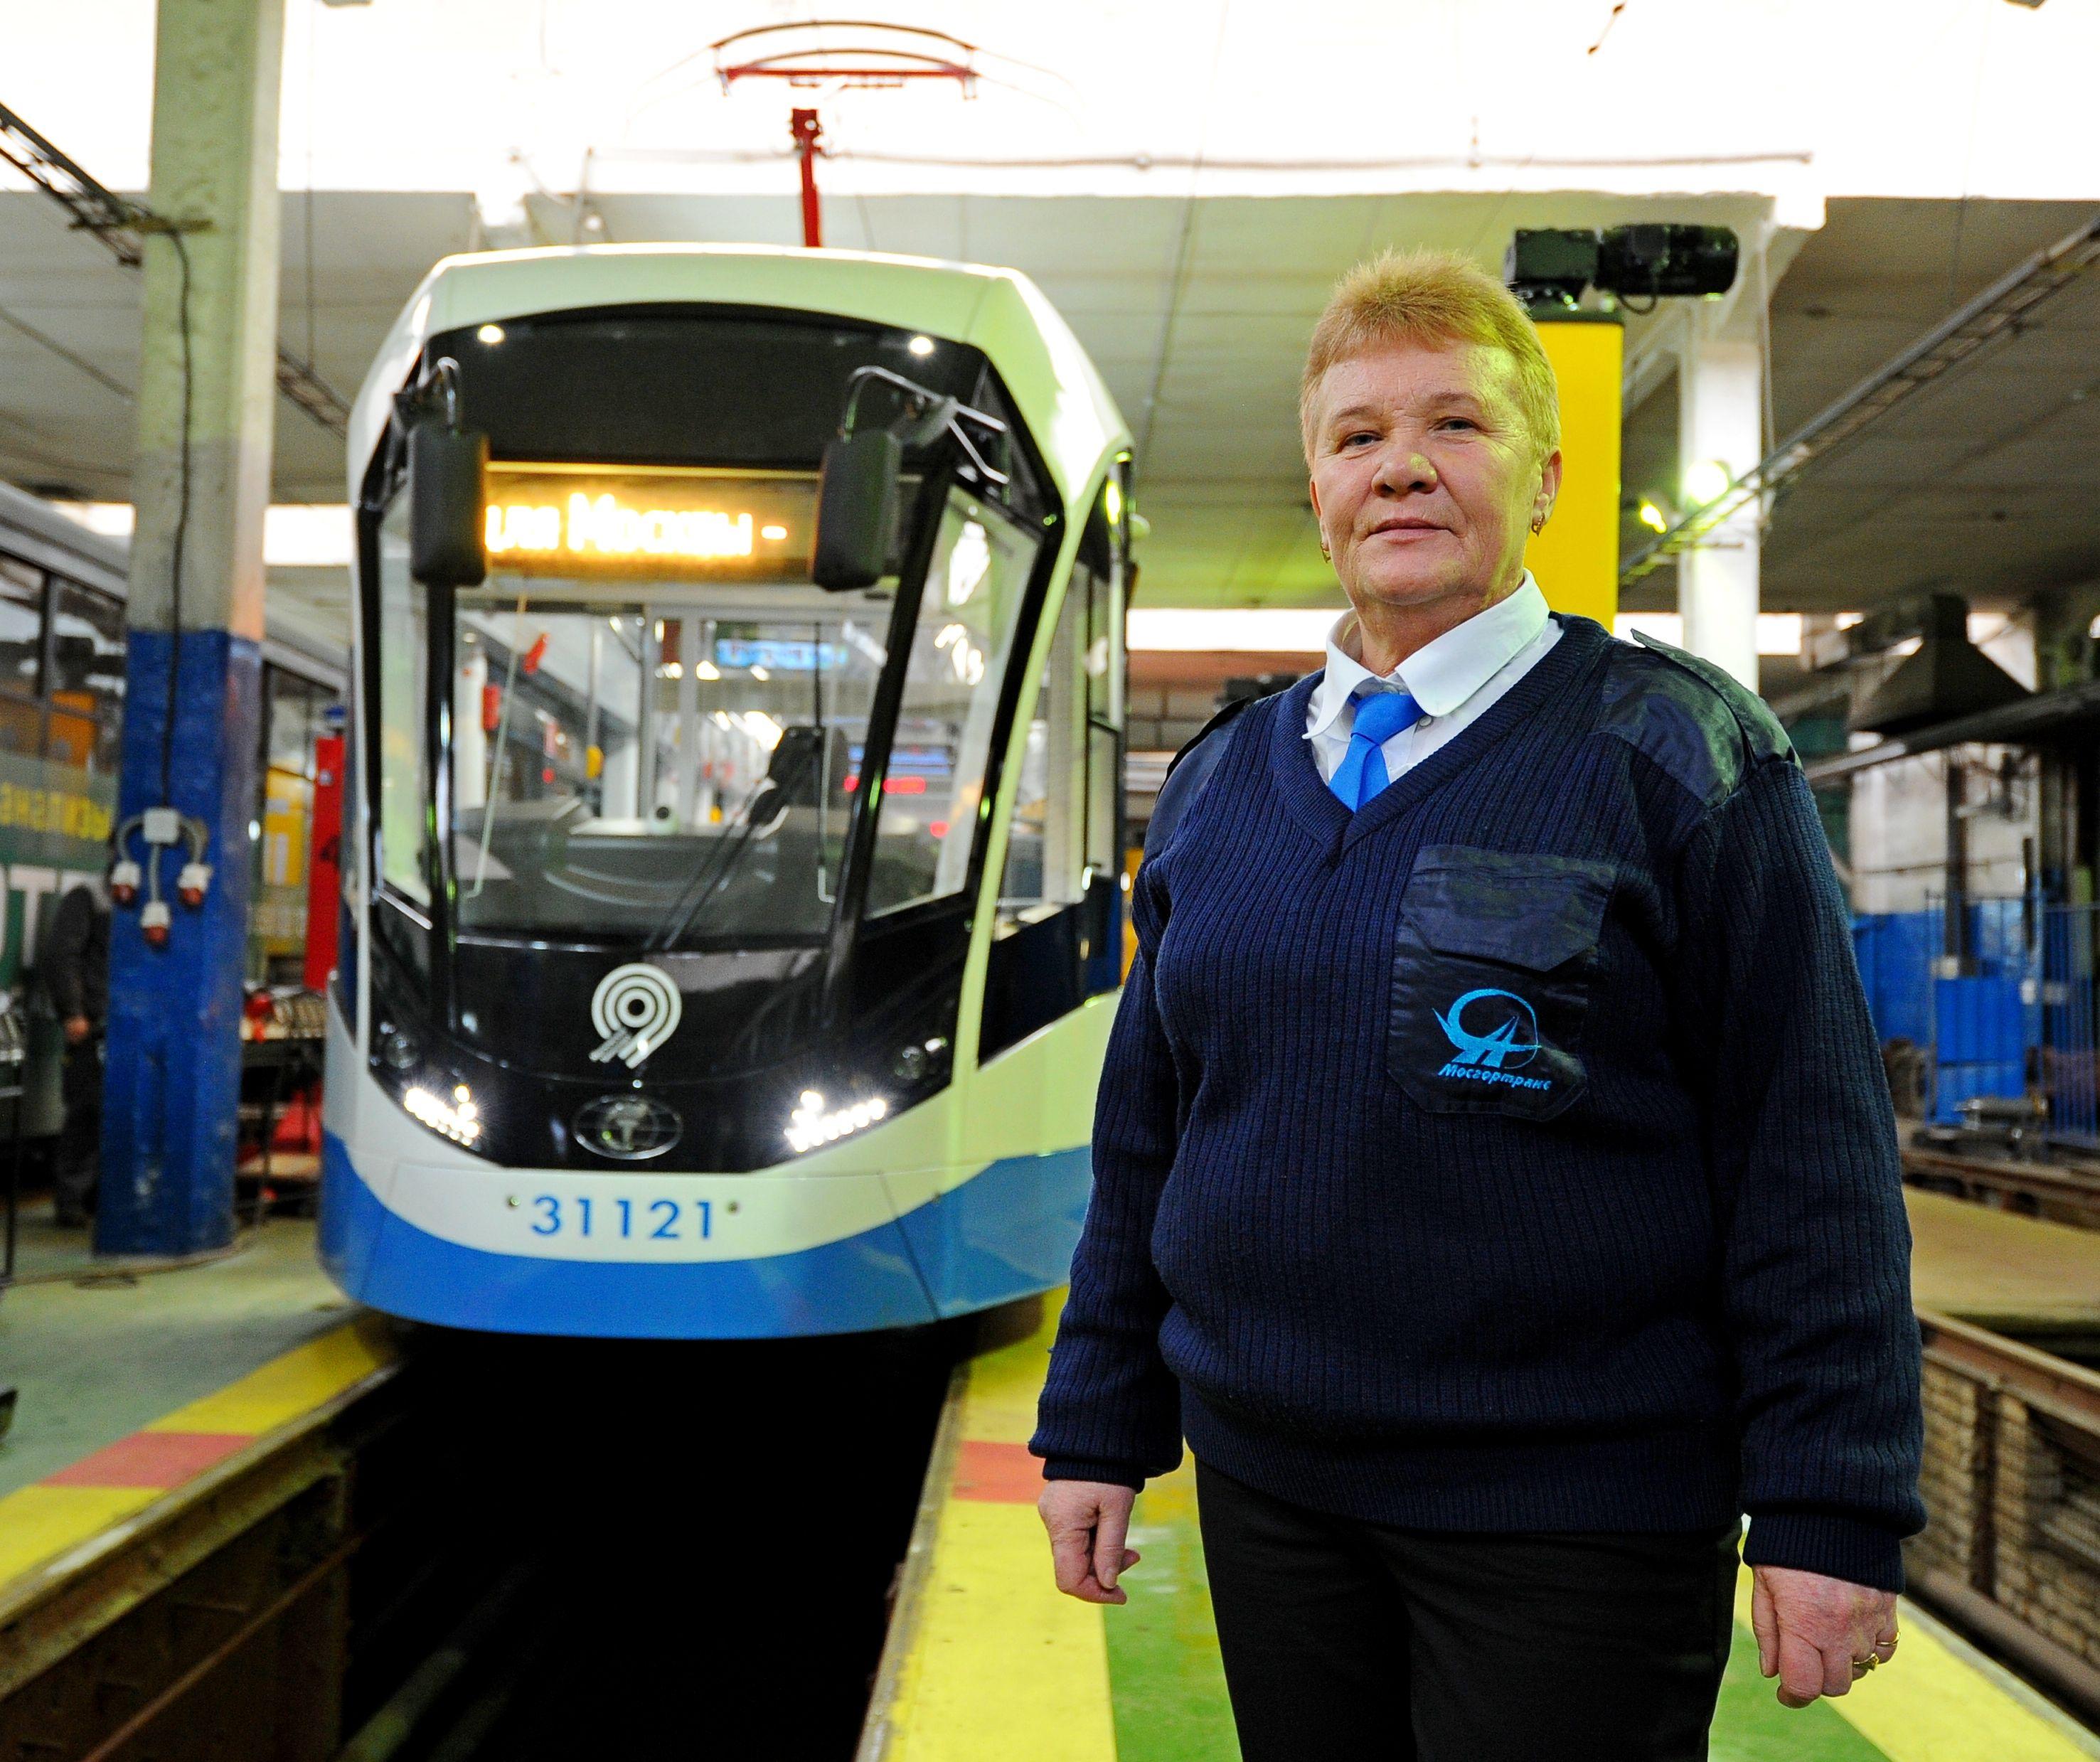 Специалисты рассказали об этапах обслуживания трамваев «Витязь-Москва».Фото: архив, «Вечерняя Москва»